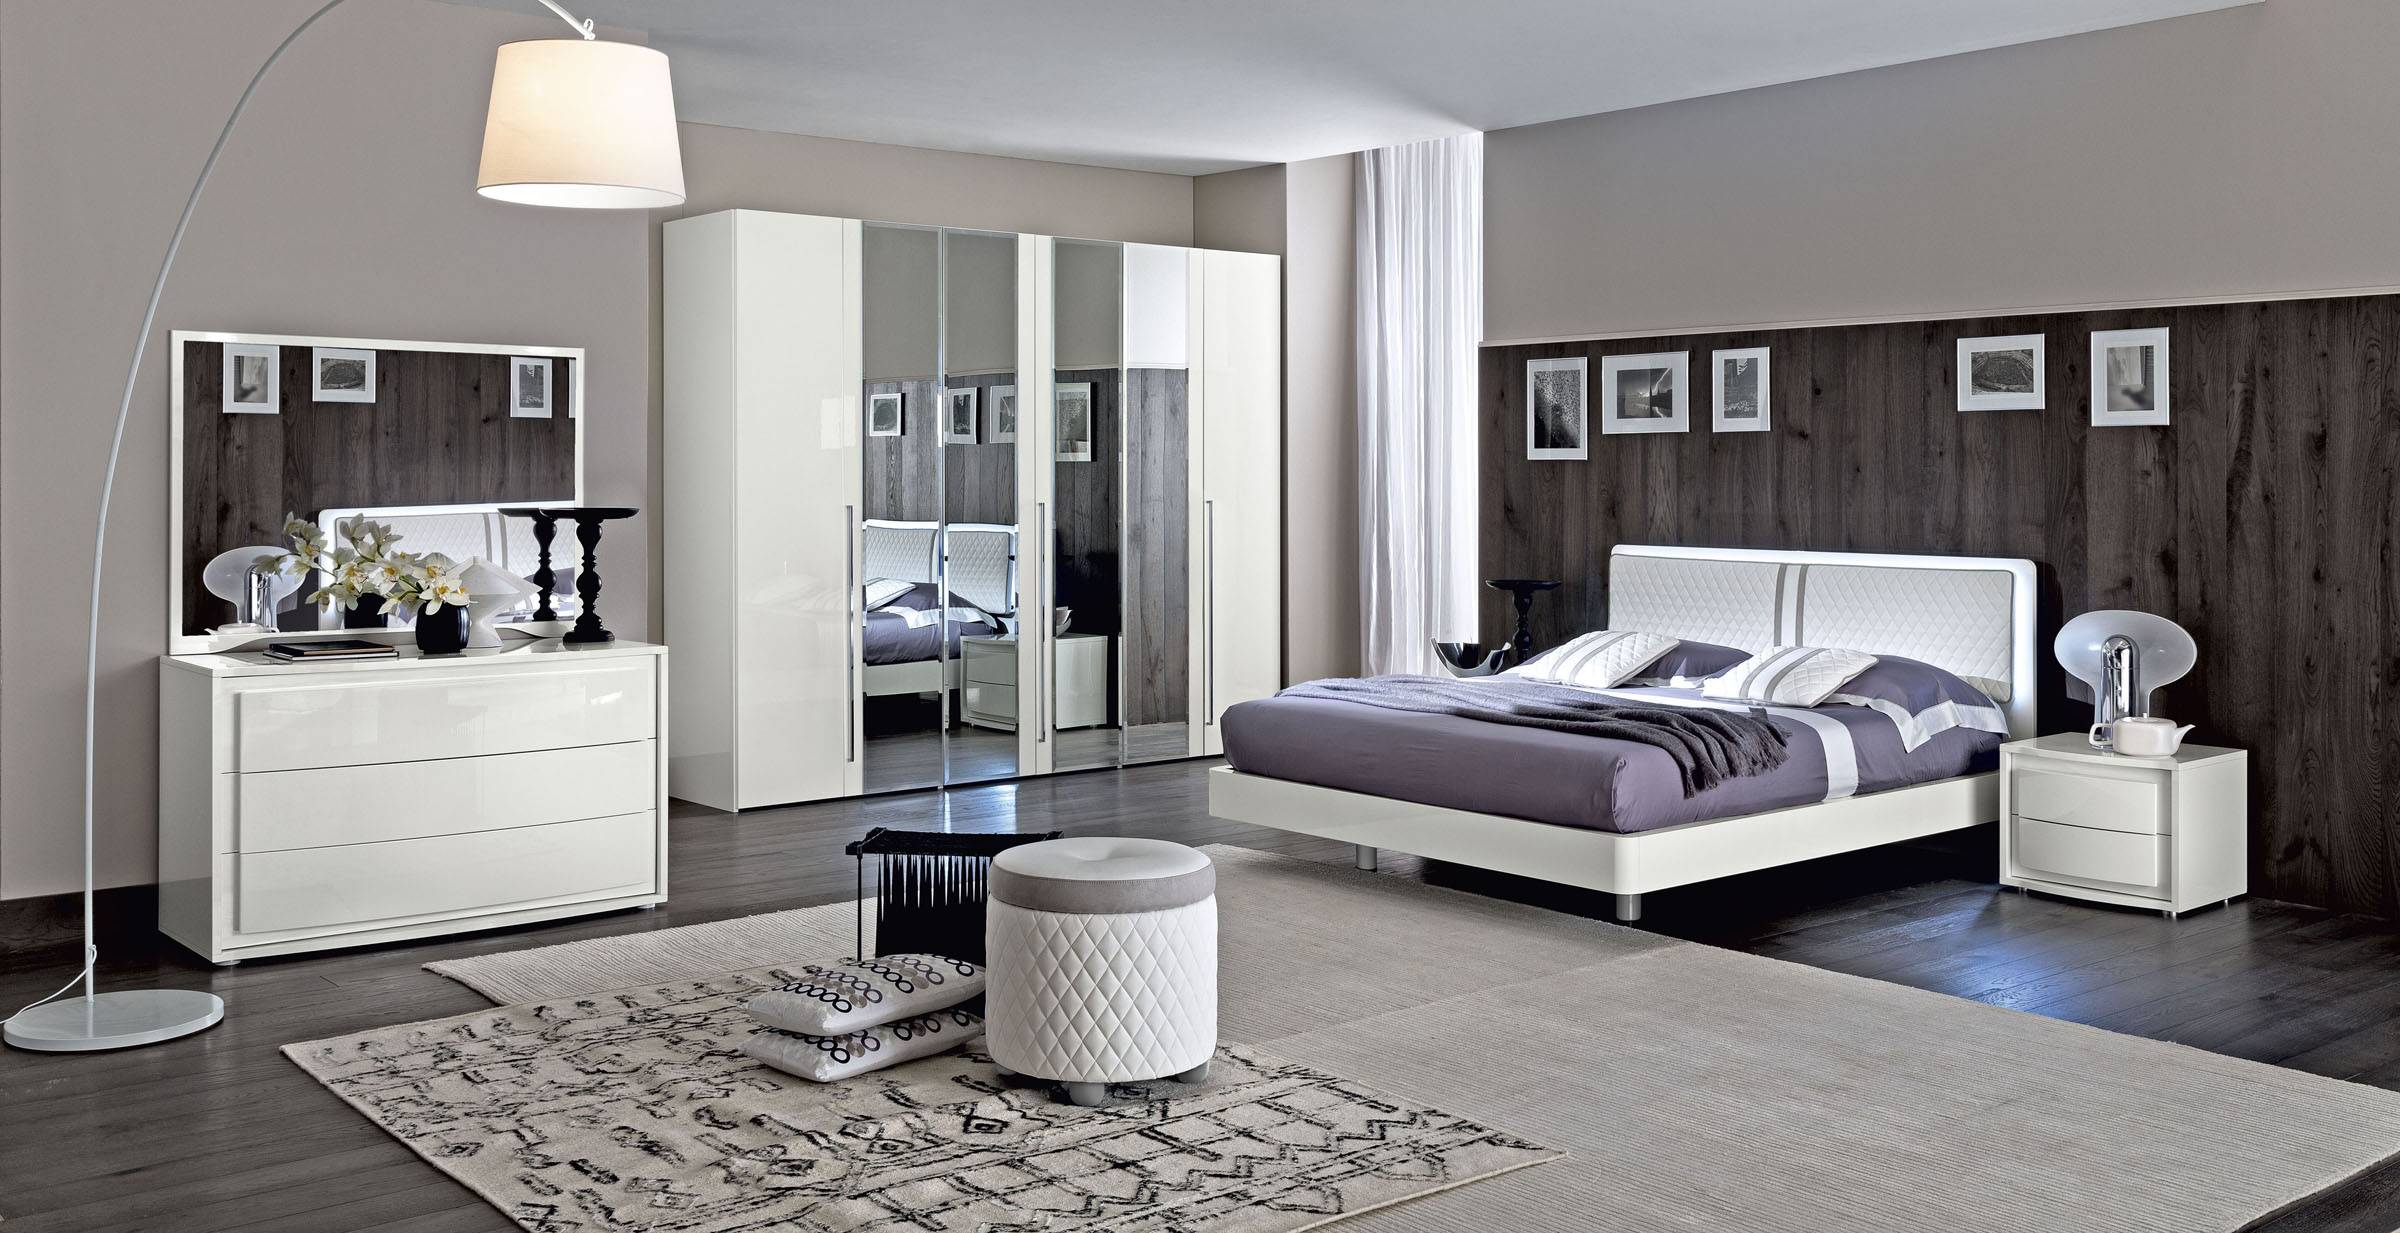 Luxury Modern Master Bedroom Furniture Novocom Top